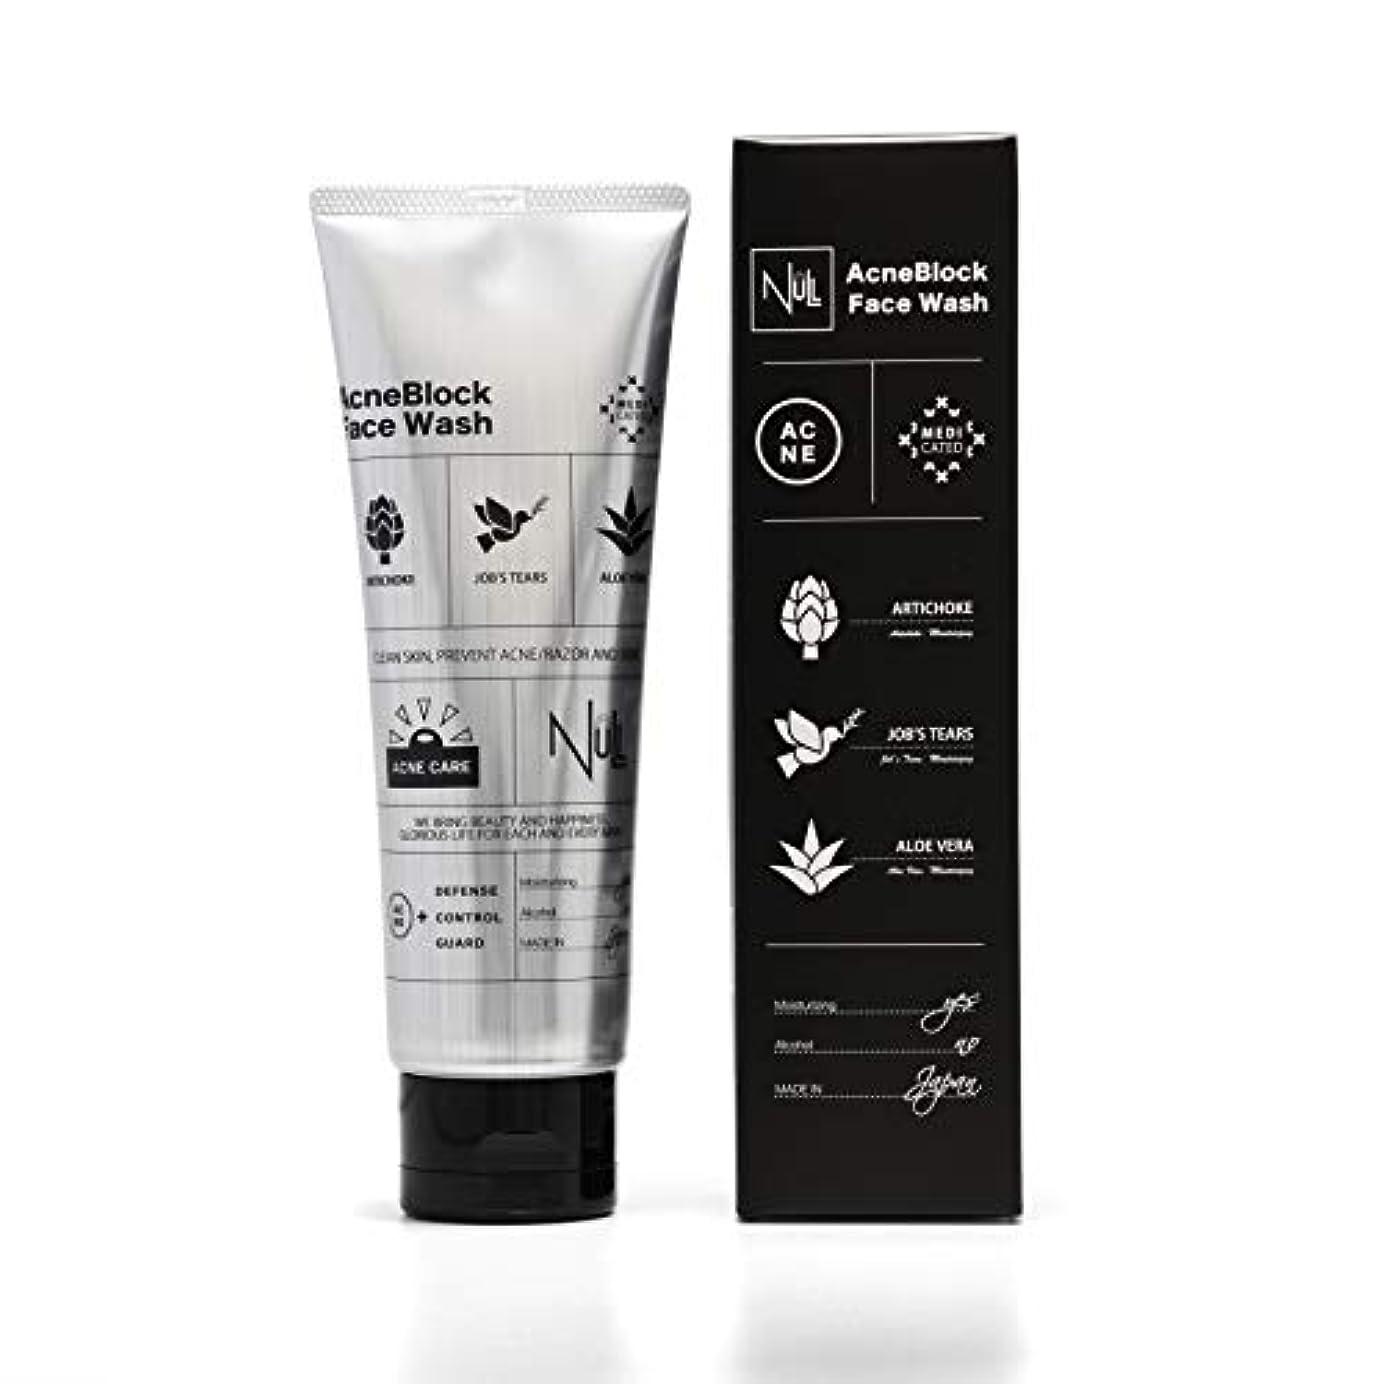 発表する救急車ペインNULL 洗顔 メンズ 【有効成分の力で ニキビ を防ぐ かみそり負け/肌荒れ を防ぐ】薬用 アクネブロック フェイスウォッシュ 洗顔クリーム 洗顔料 保湿成分配合 アルコールなど6つの 無添加 医薬部外品 120g